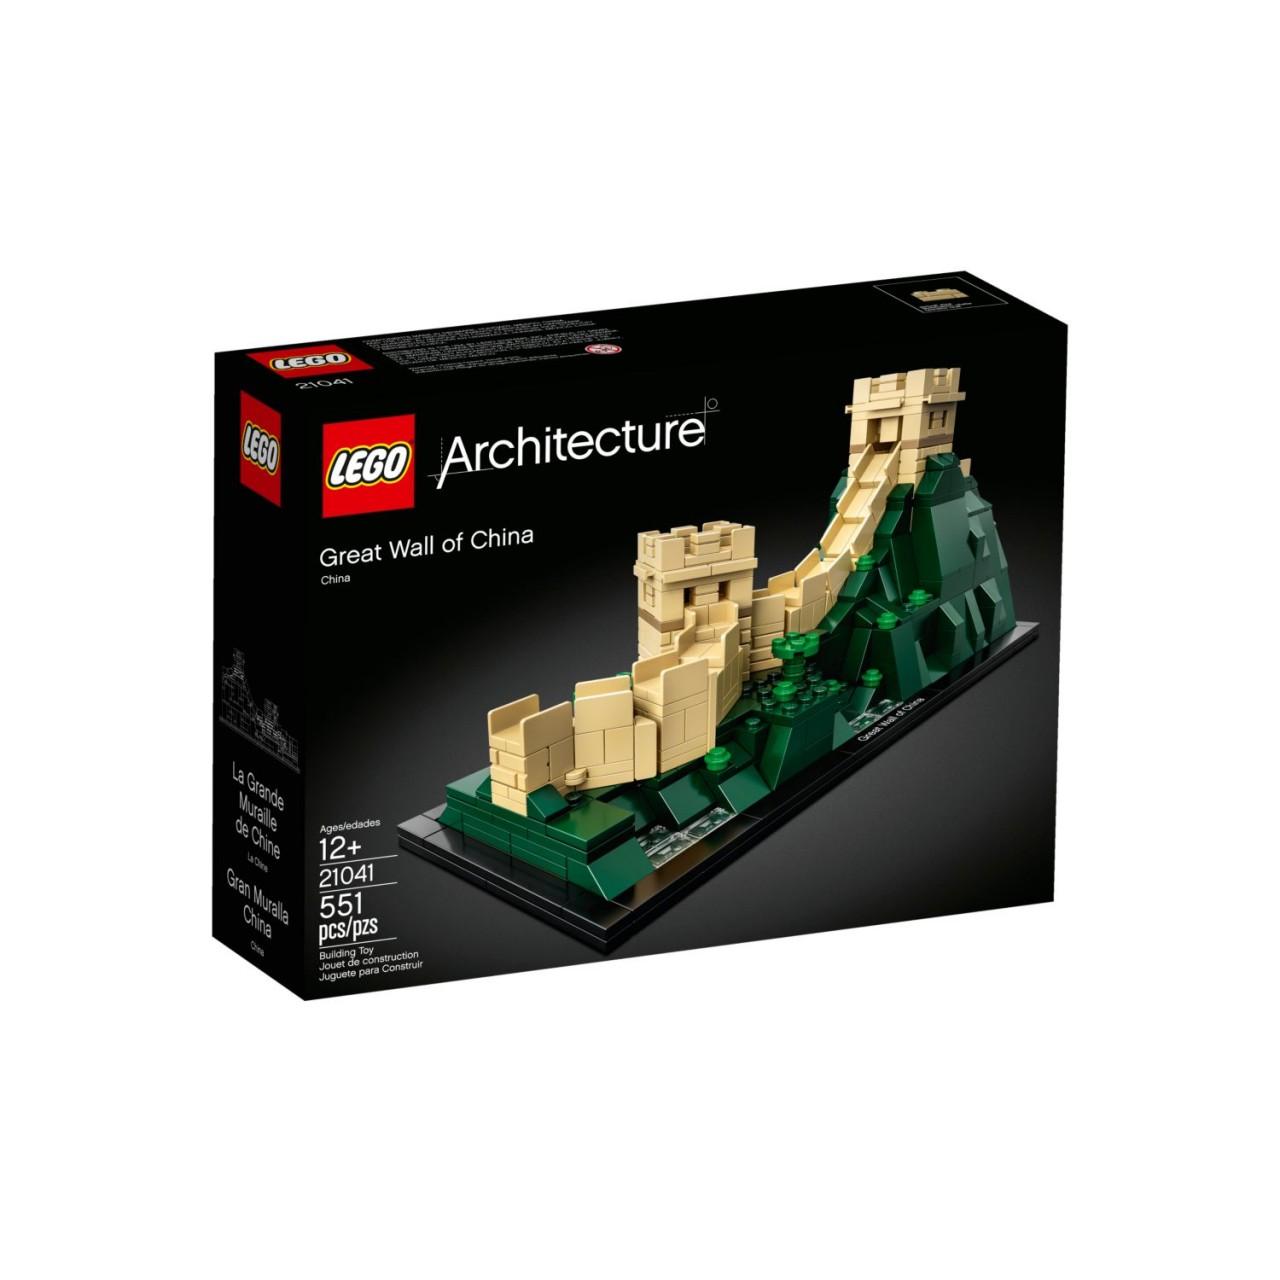 LEGO ARCHITECTURE 21041 Die Chinesische Mauer